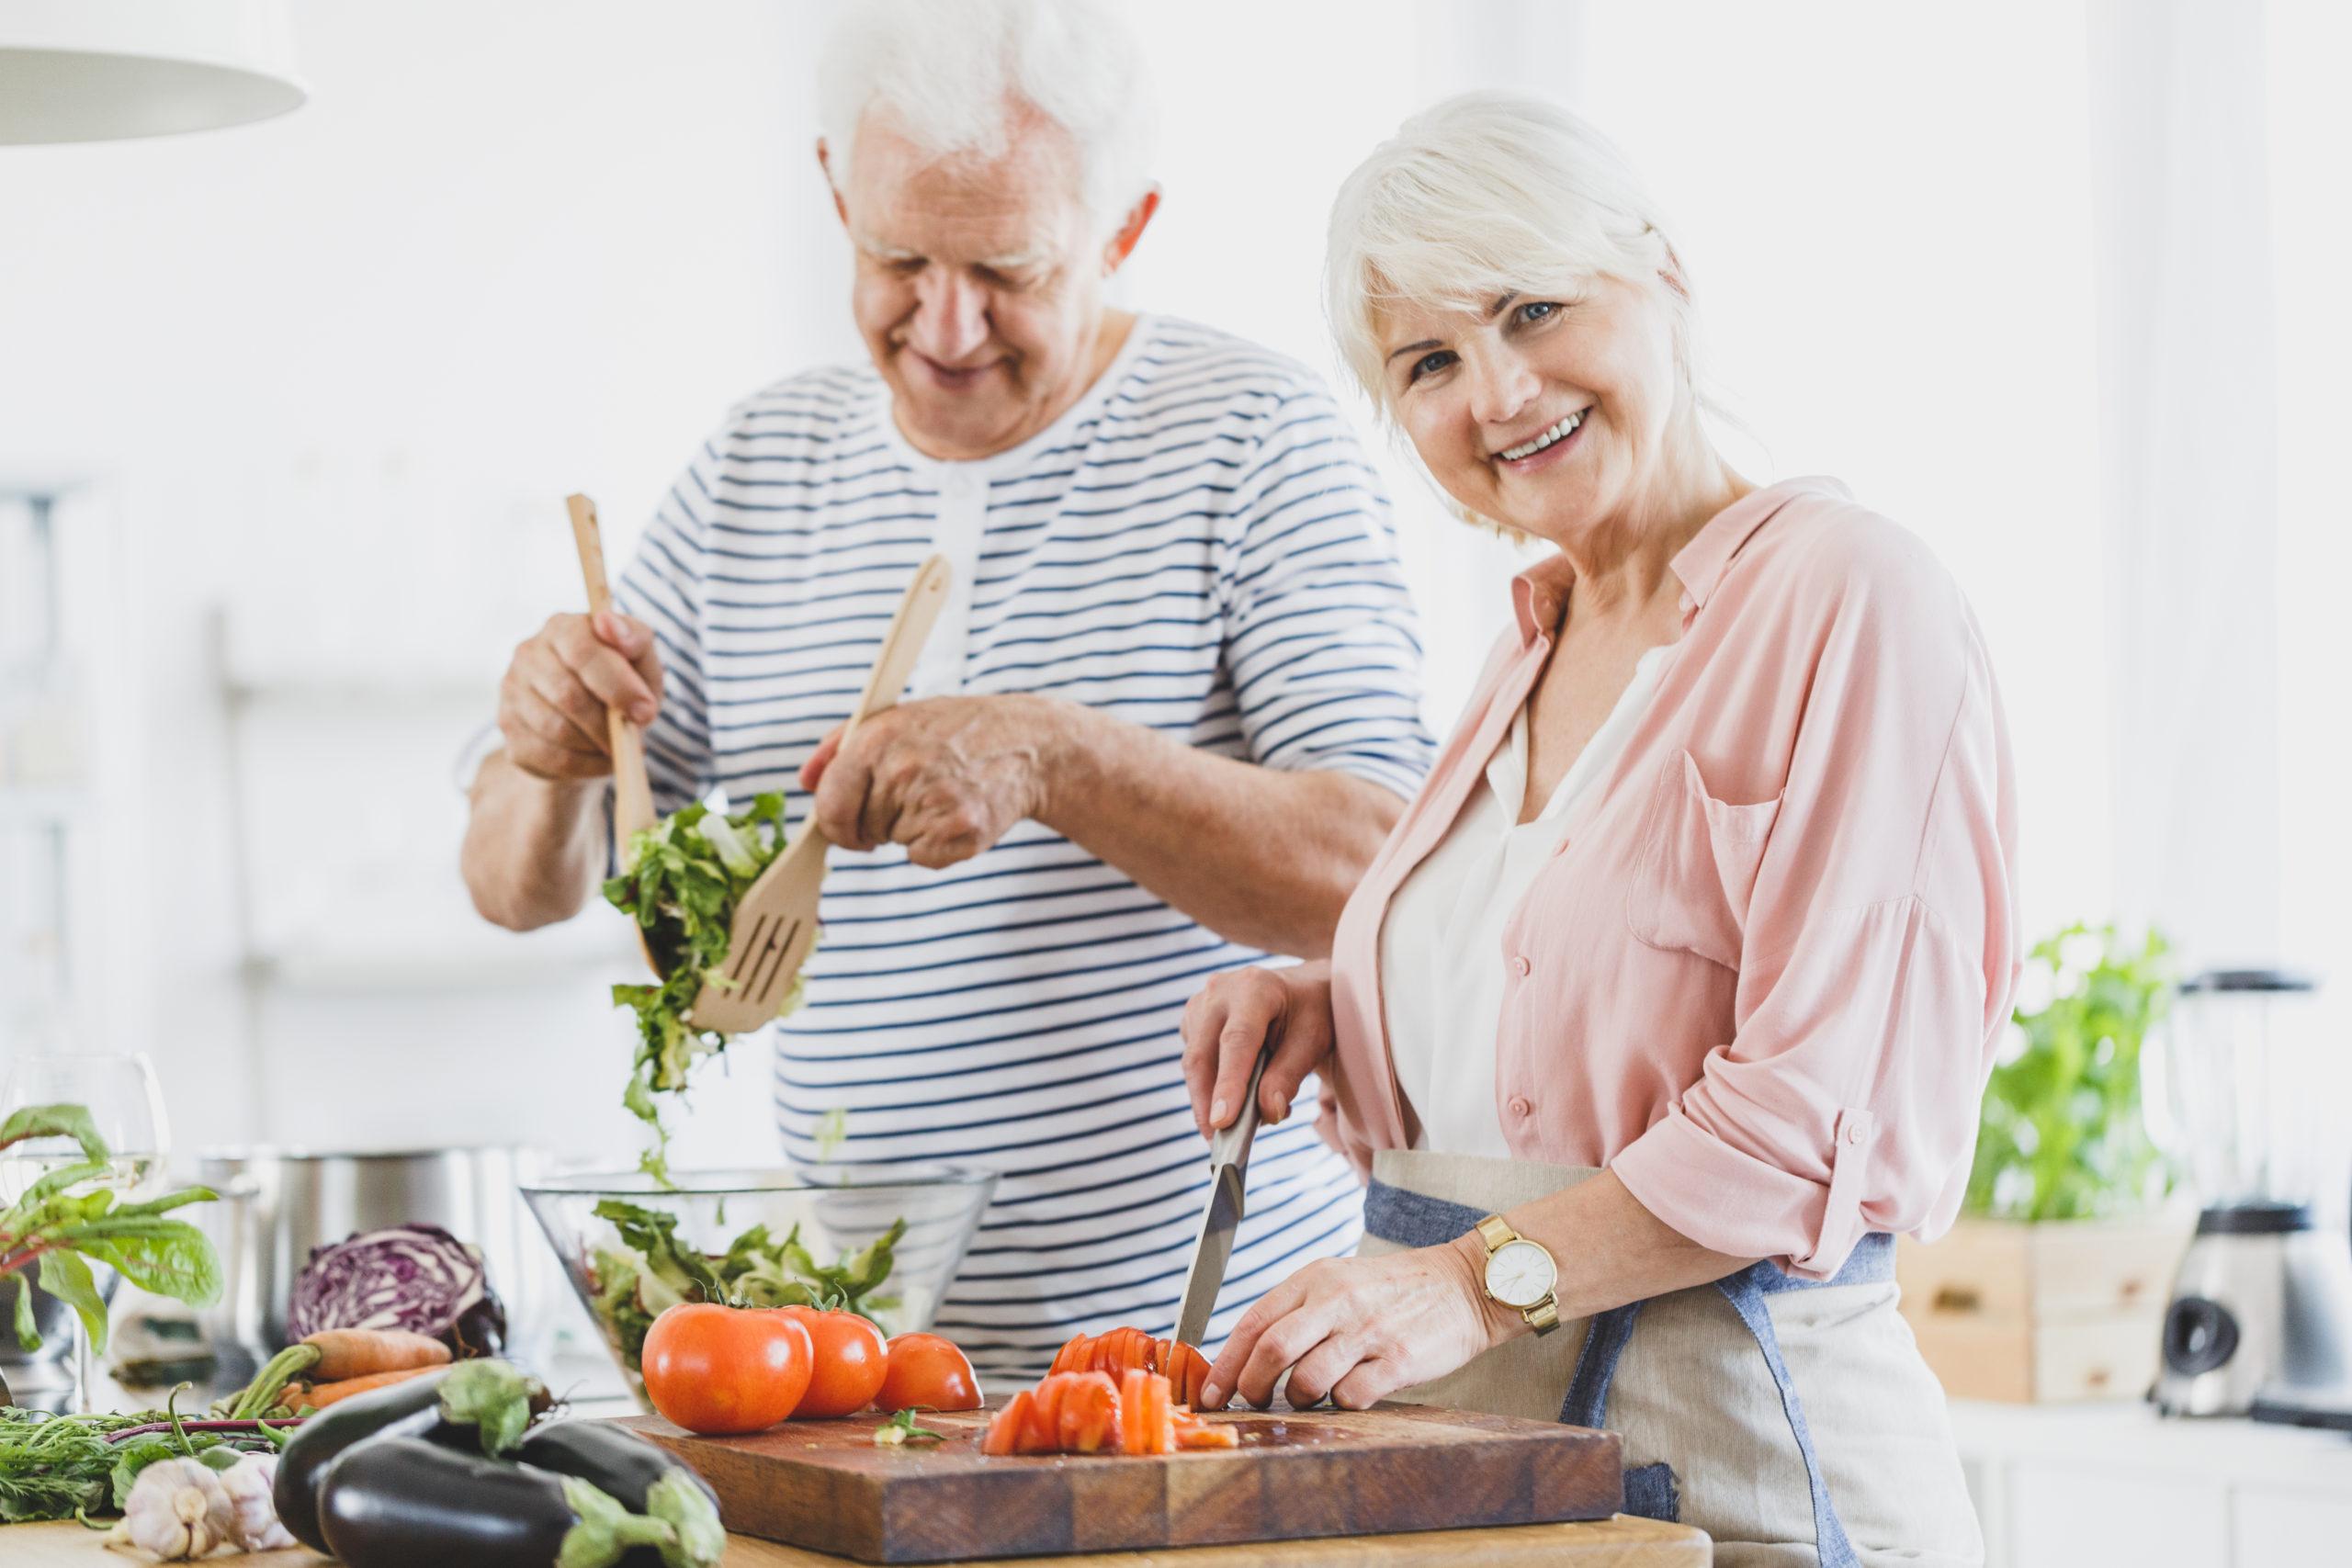 coppia che cucina e sorride